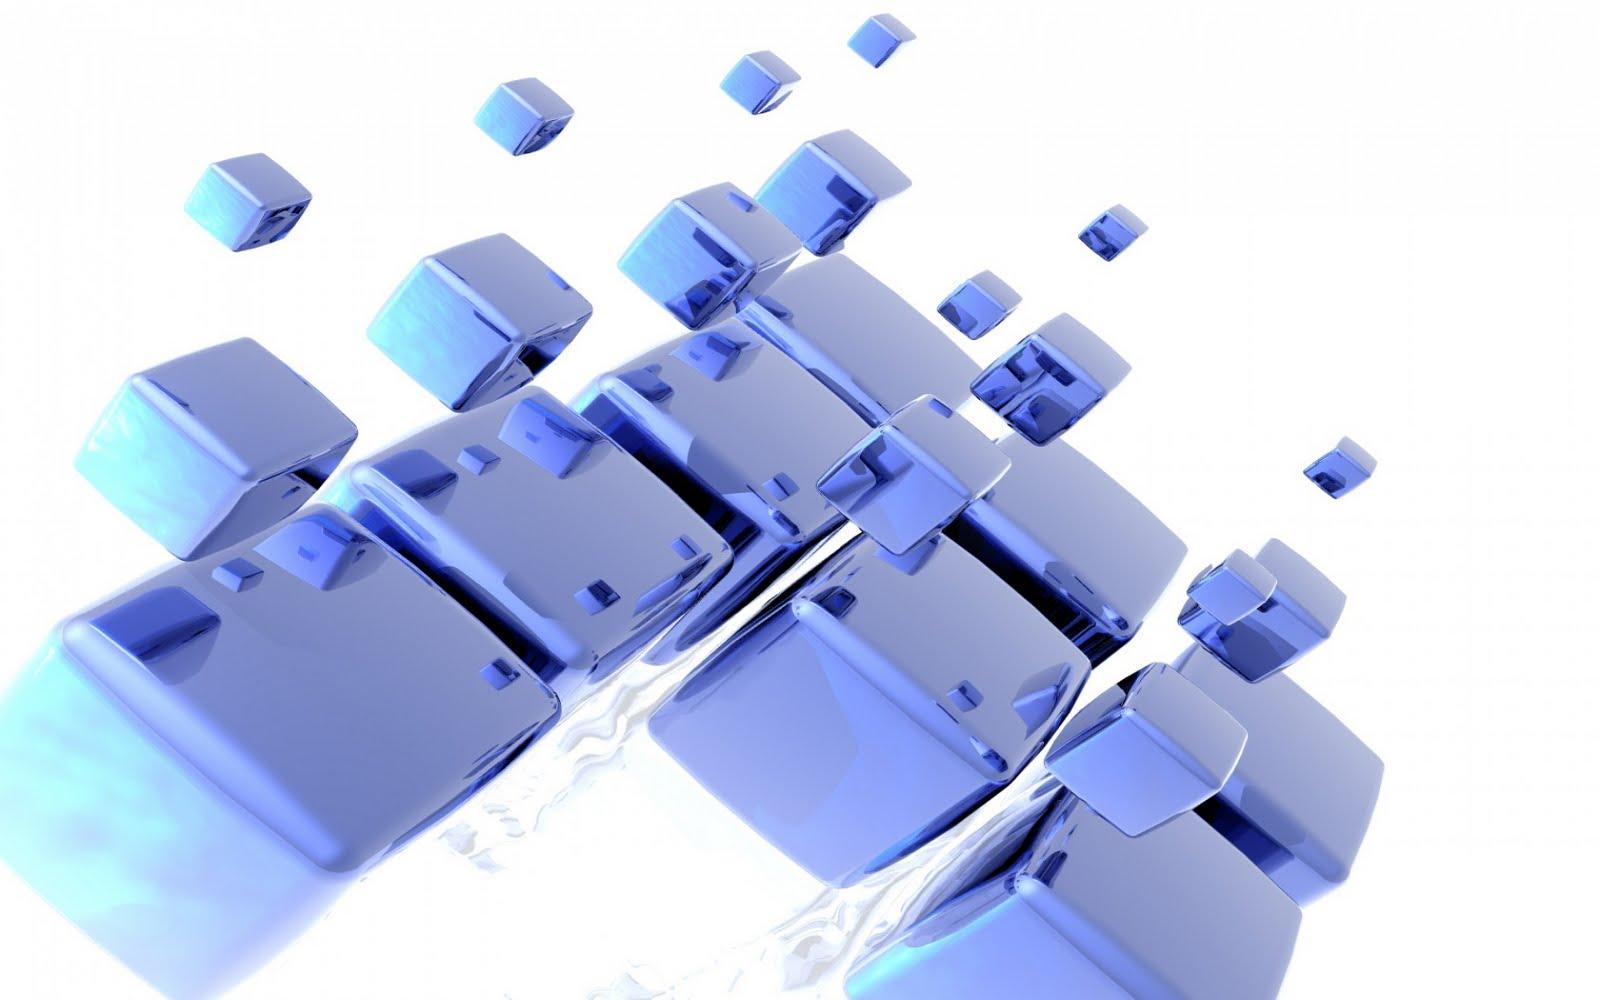 http://4.bp.blogspot.com/_B8I3SNmuIa0/TAOAvQh1hBI/AAAAAAAAABU/z91ZH4VdDnM/s1600/3d-cubes-1680-1050-53.jpg